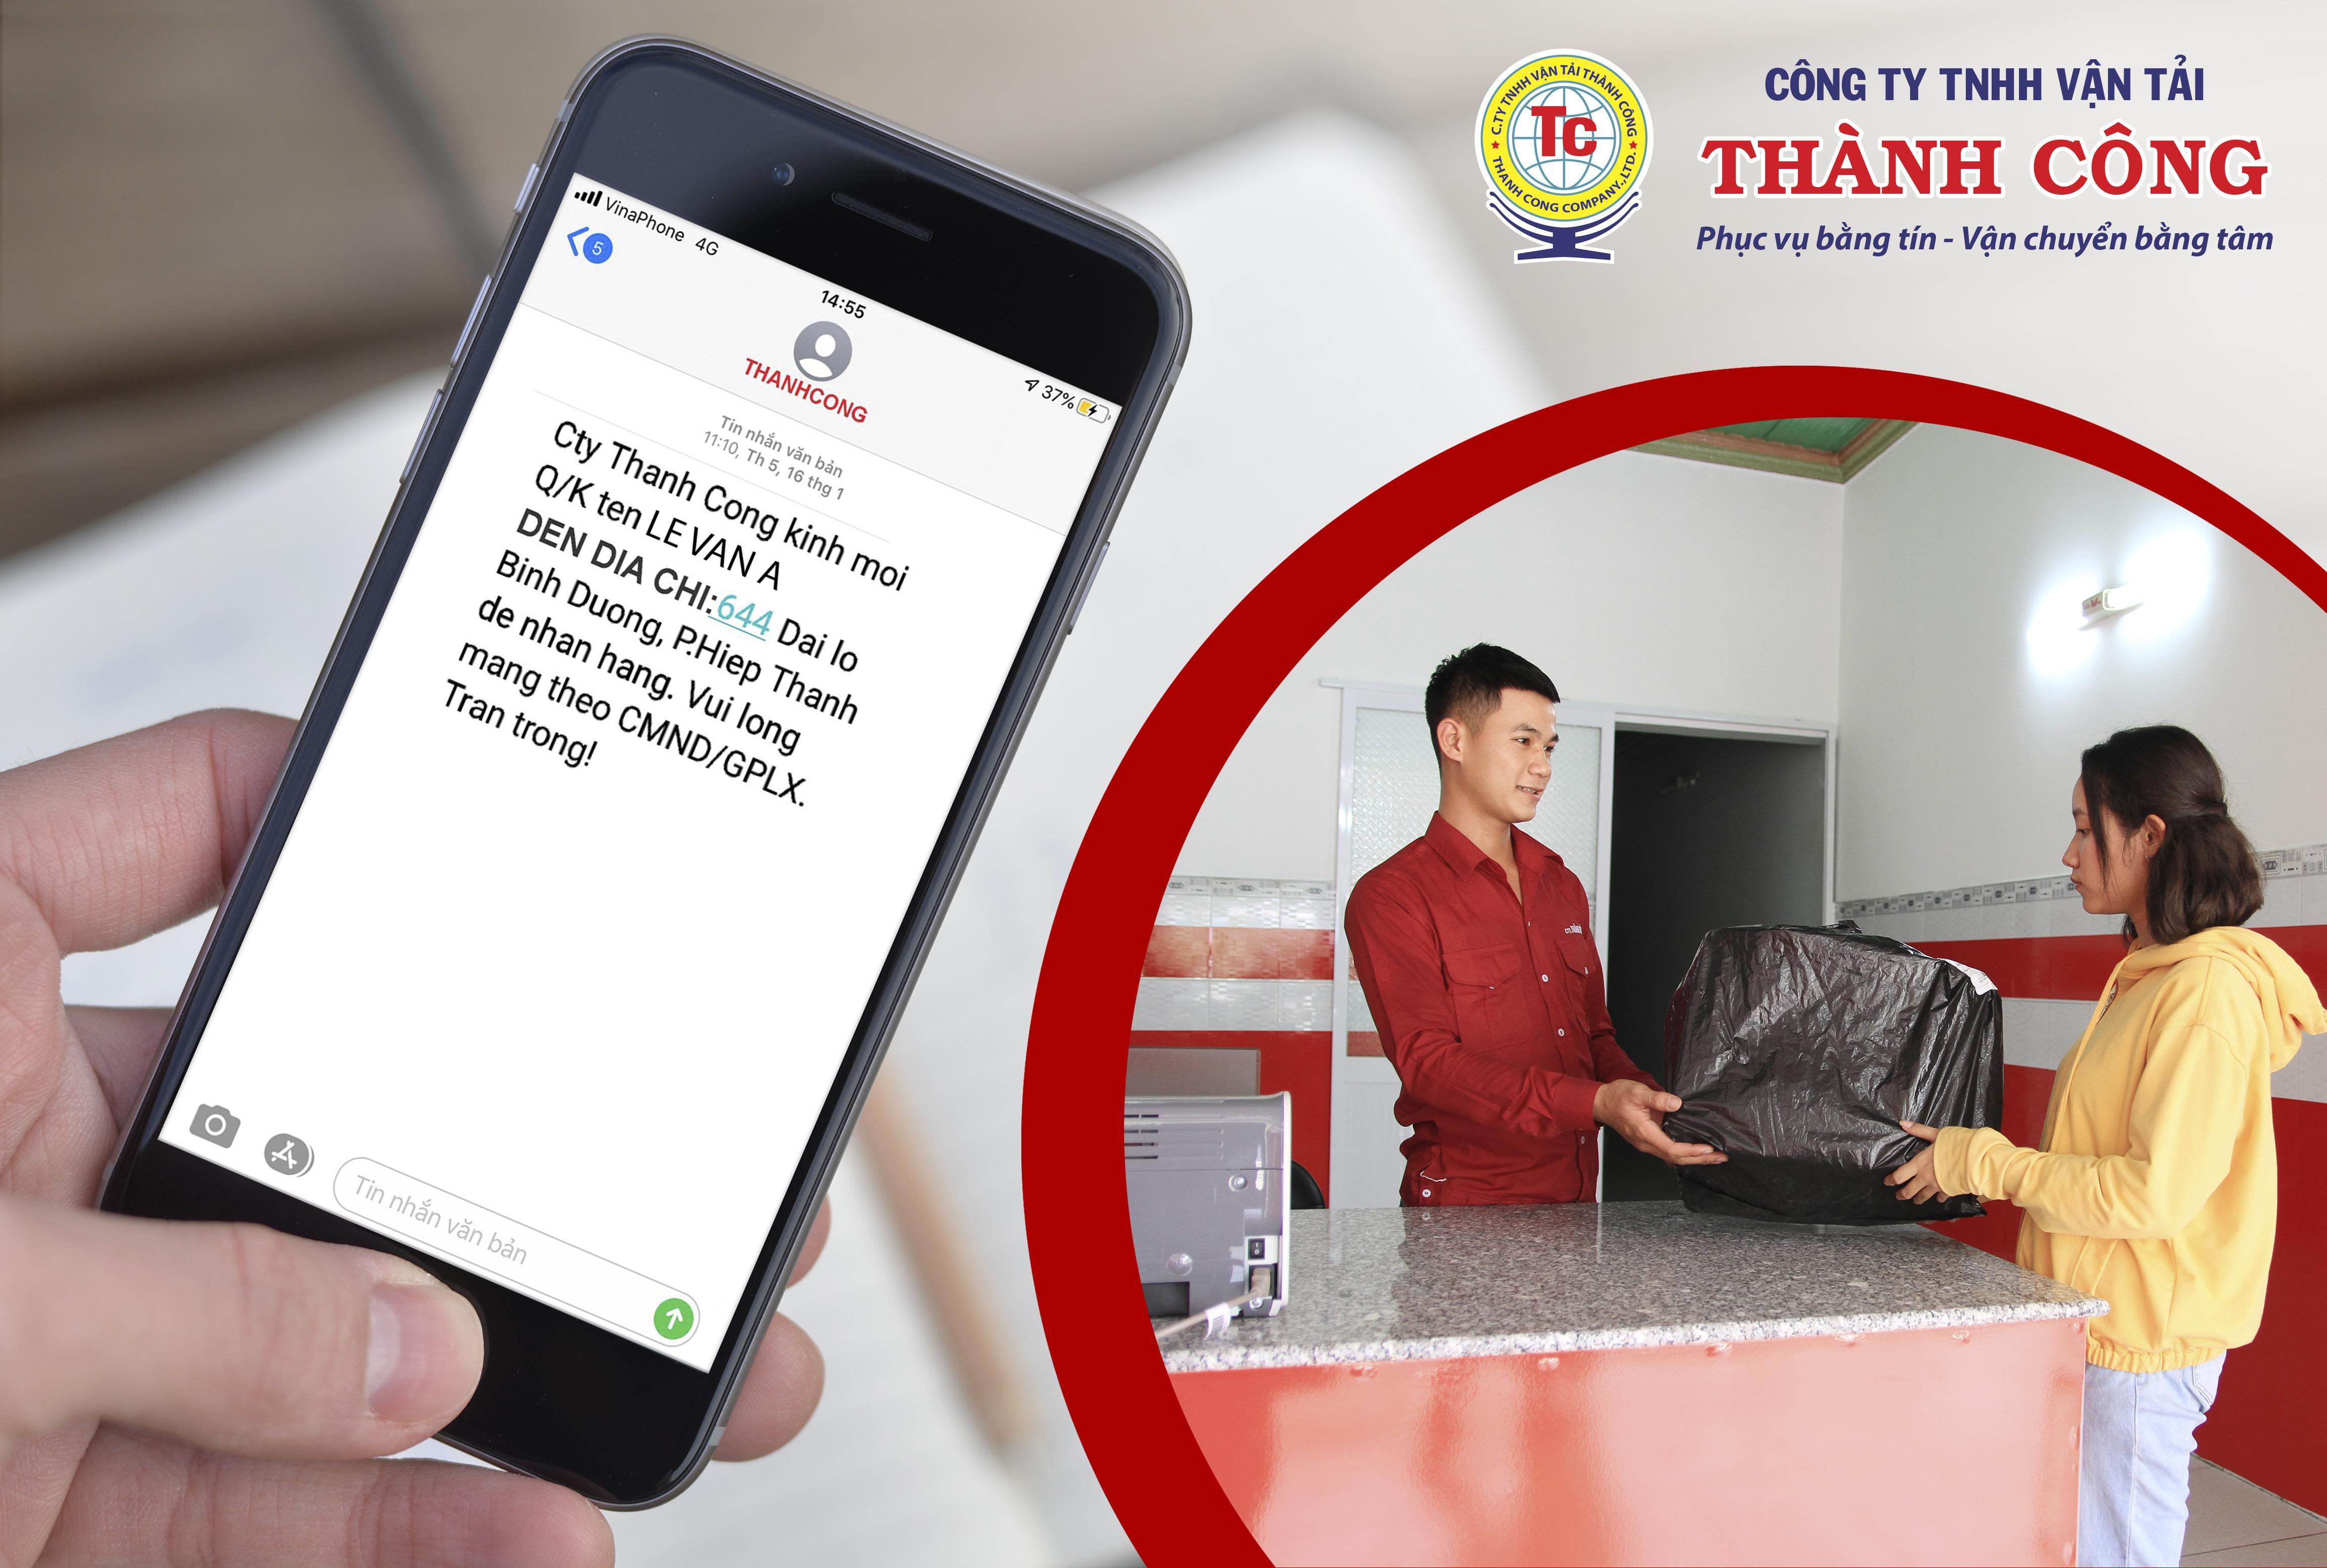 Công ty Vận tải Thành Công bắt đầu triển khai hình thức nhắn tin thông báo thay cho hình thức gọi điện.